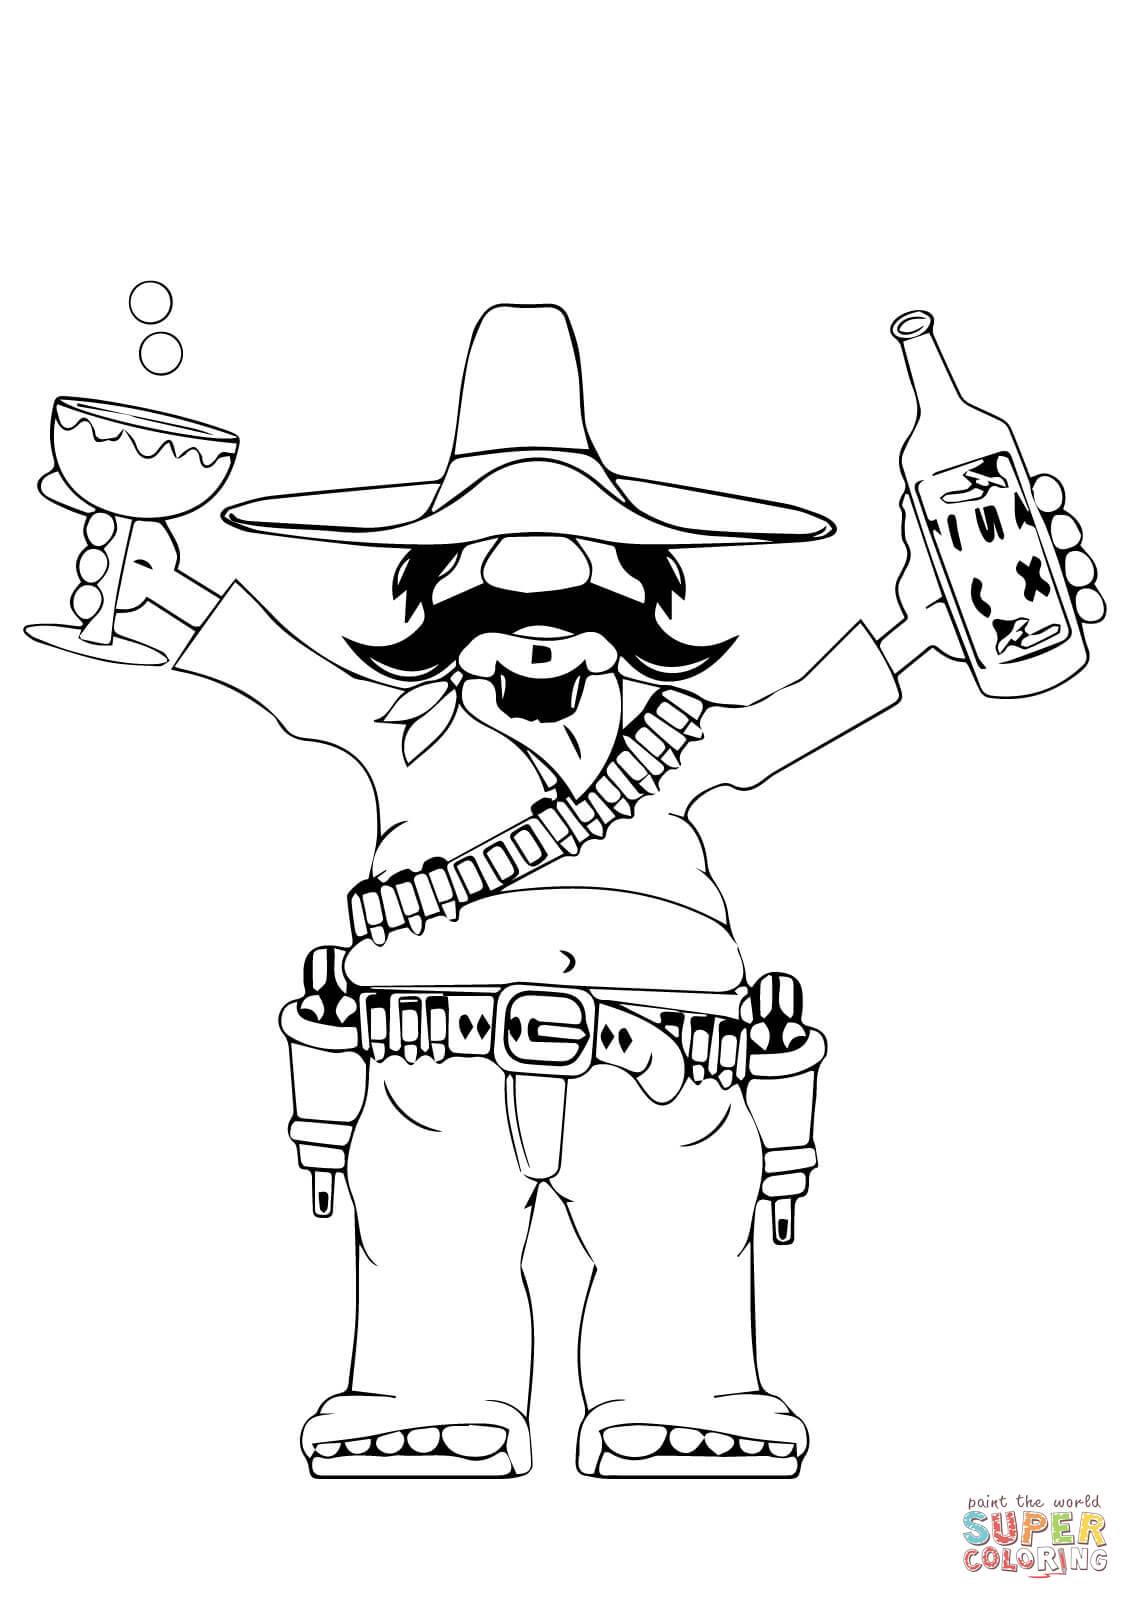 Happy Cinco De Mayo Coloring Page